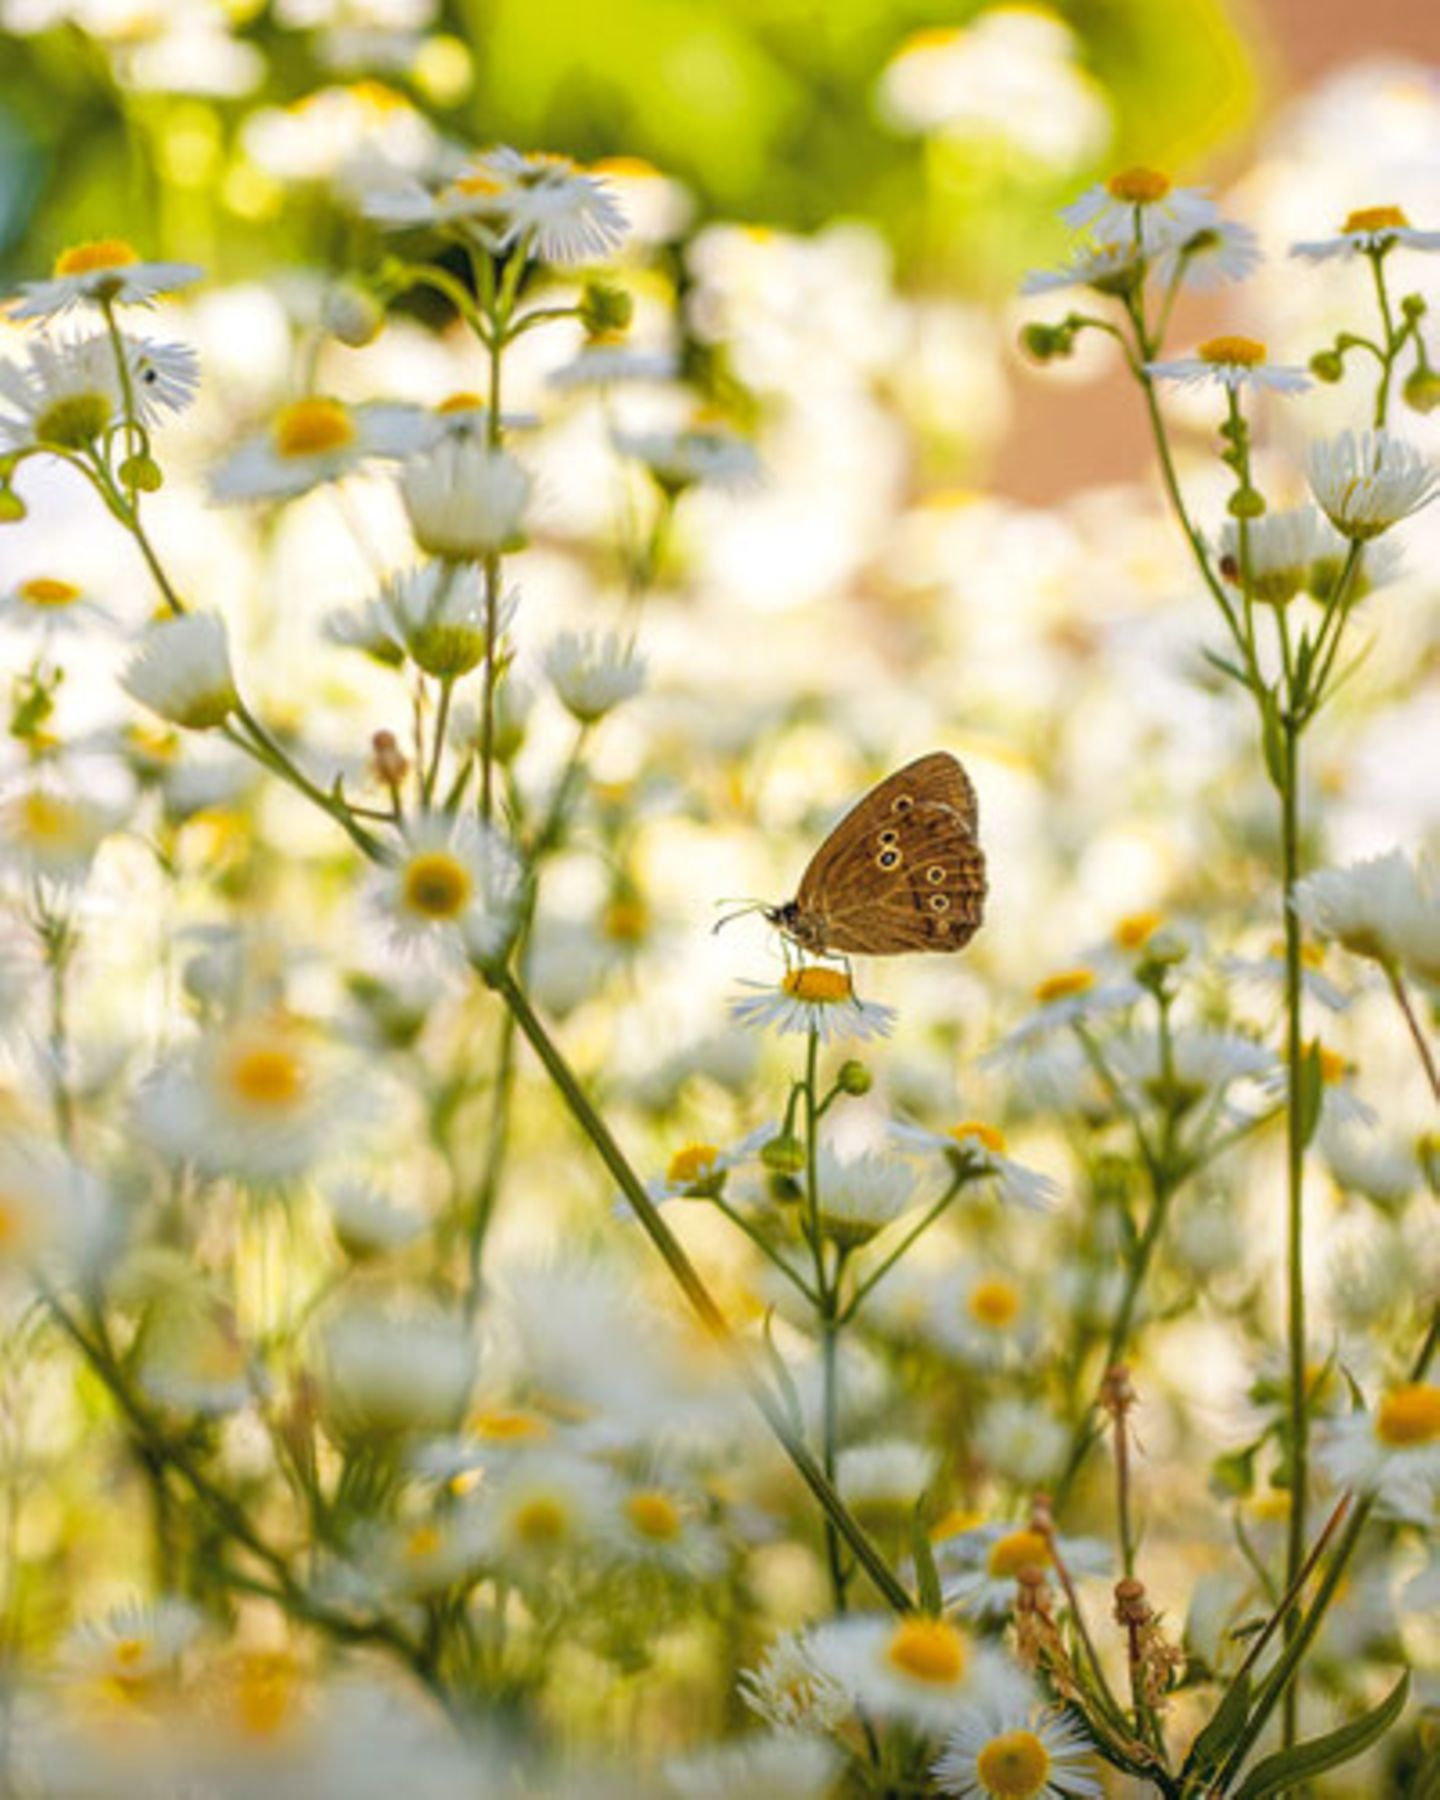 Auf der Blüte des Berufkrauts (Erigeron annuus) hat sich ein Bräunling niedergelassen - Insekten lieben diese auch wild wachsende Art der Feinstrahlaster